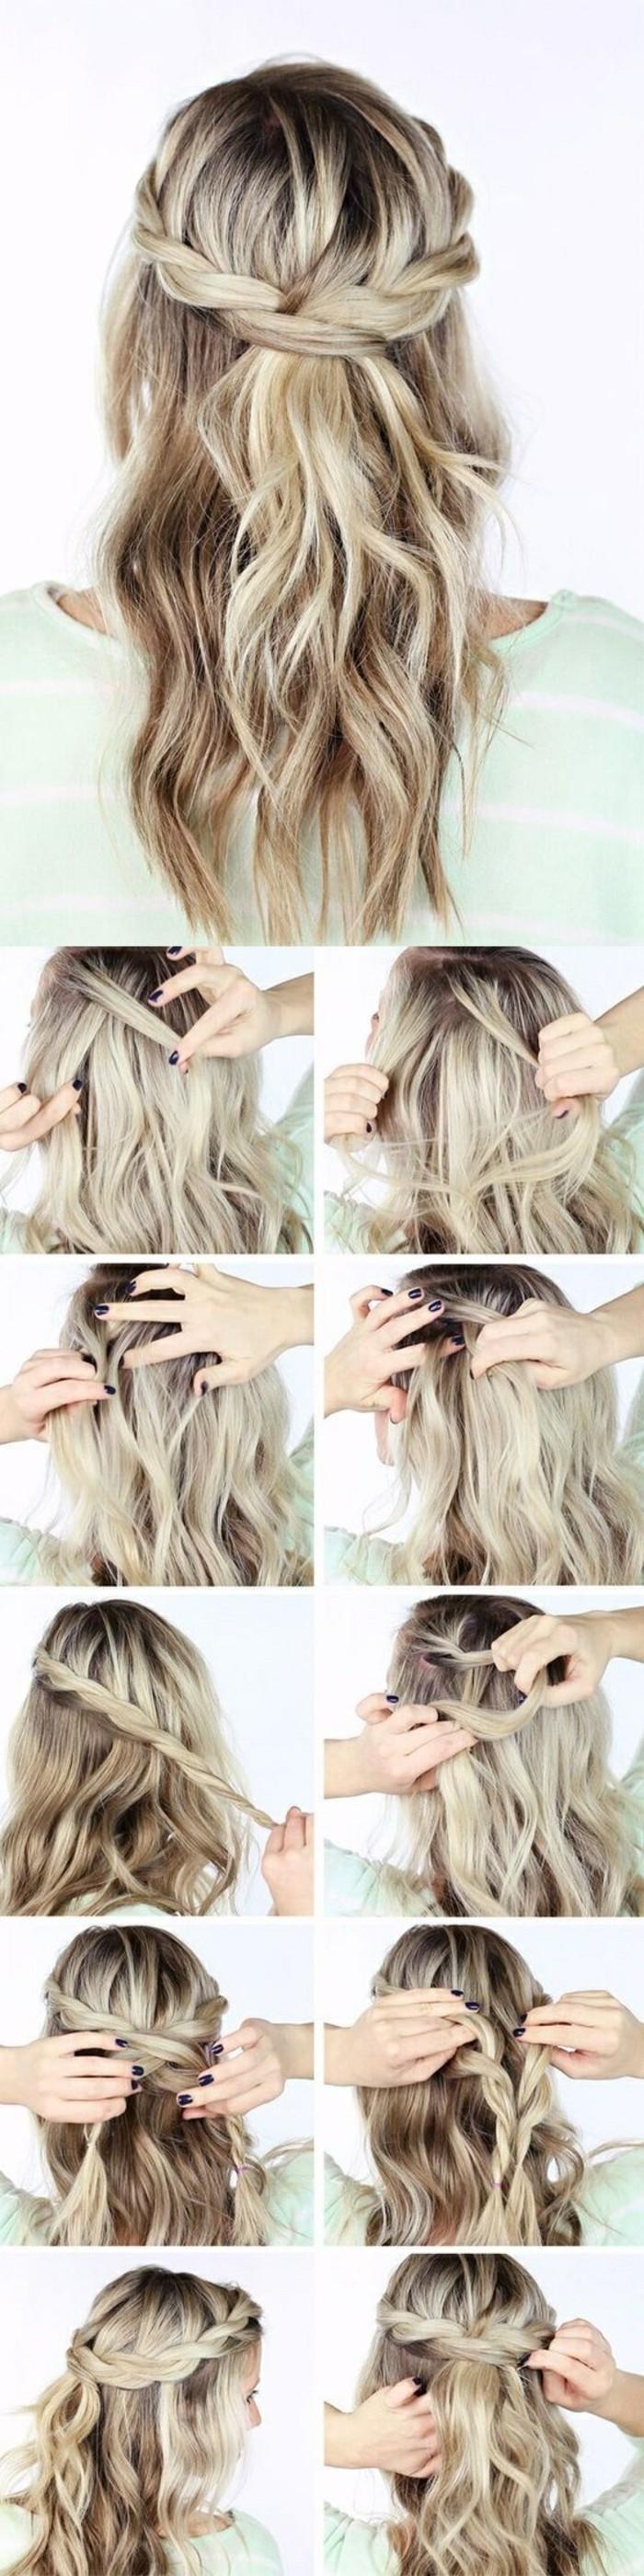 cómo hacer un semirecogido trenzado paso a paso, recogidos sencillos para pelo largo